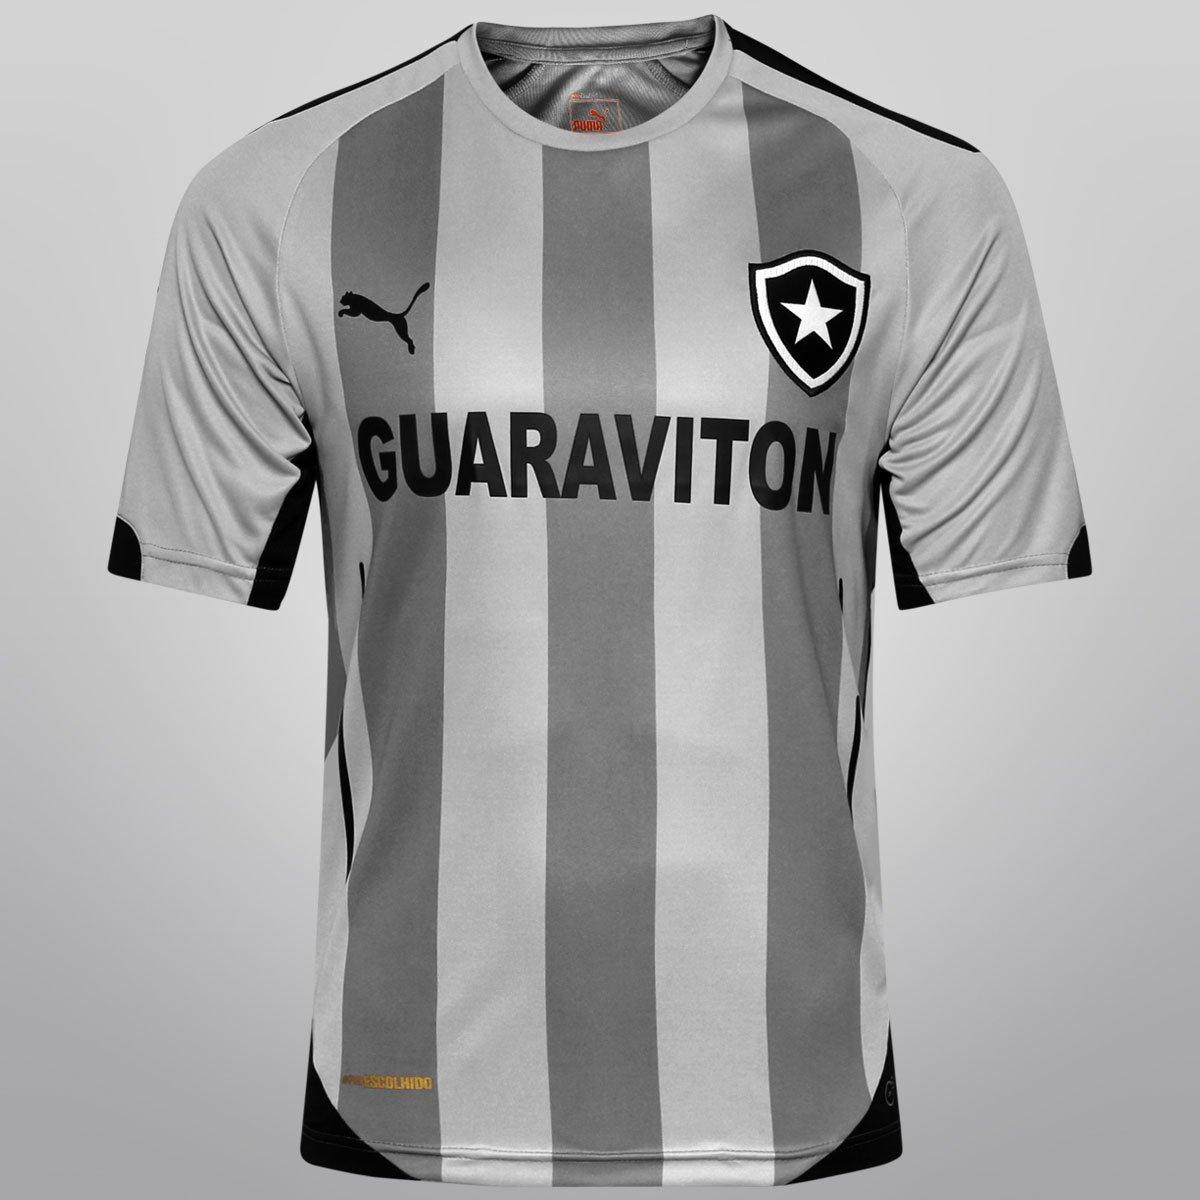 92f347f1d2 Camisa Puma Botafogo IV 2014 s nº - Compre Agora